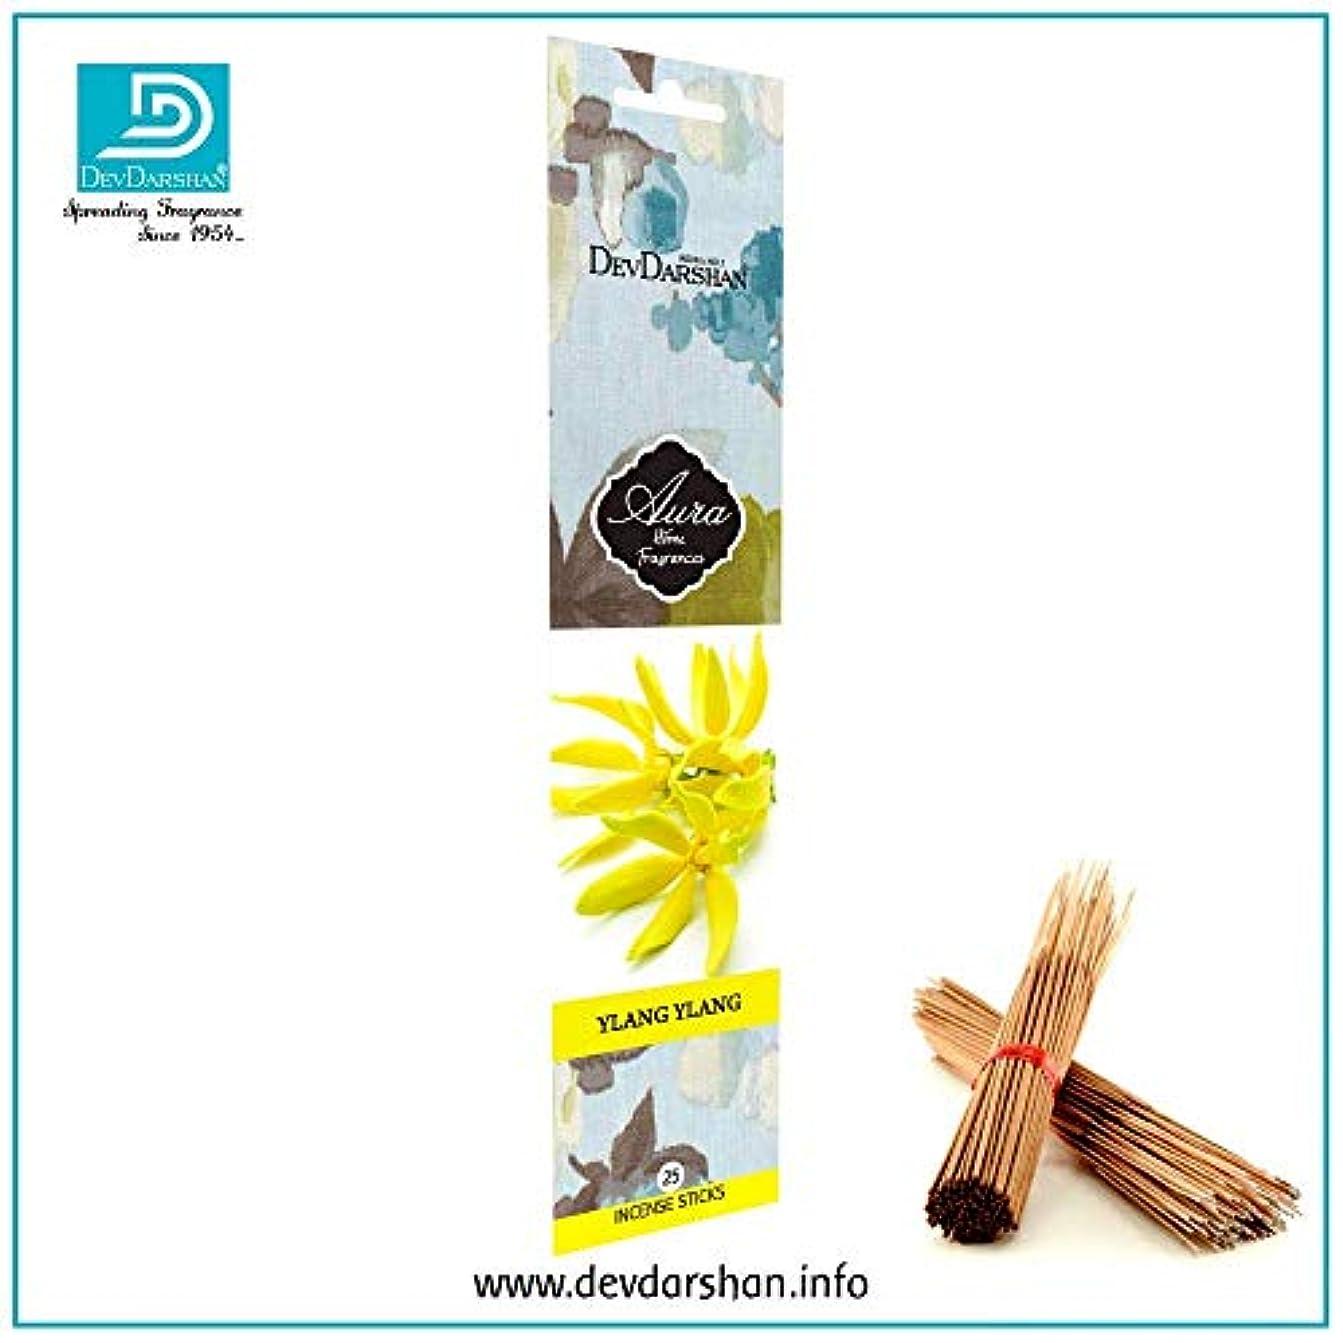 試してみる認識時間Devdarshan Aura Ylang Ylang 3 Packs of 25 Incense Stick Each